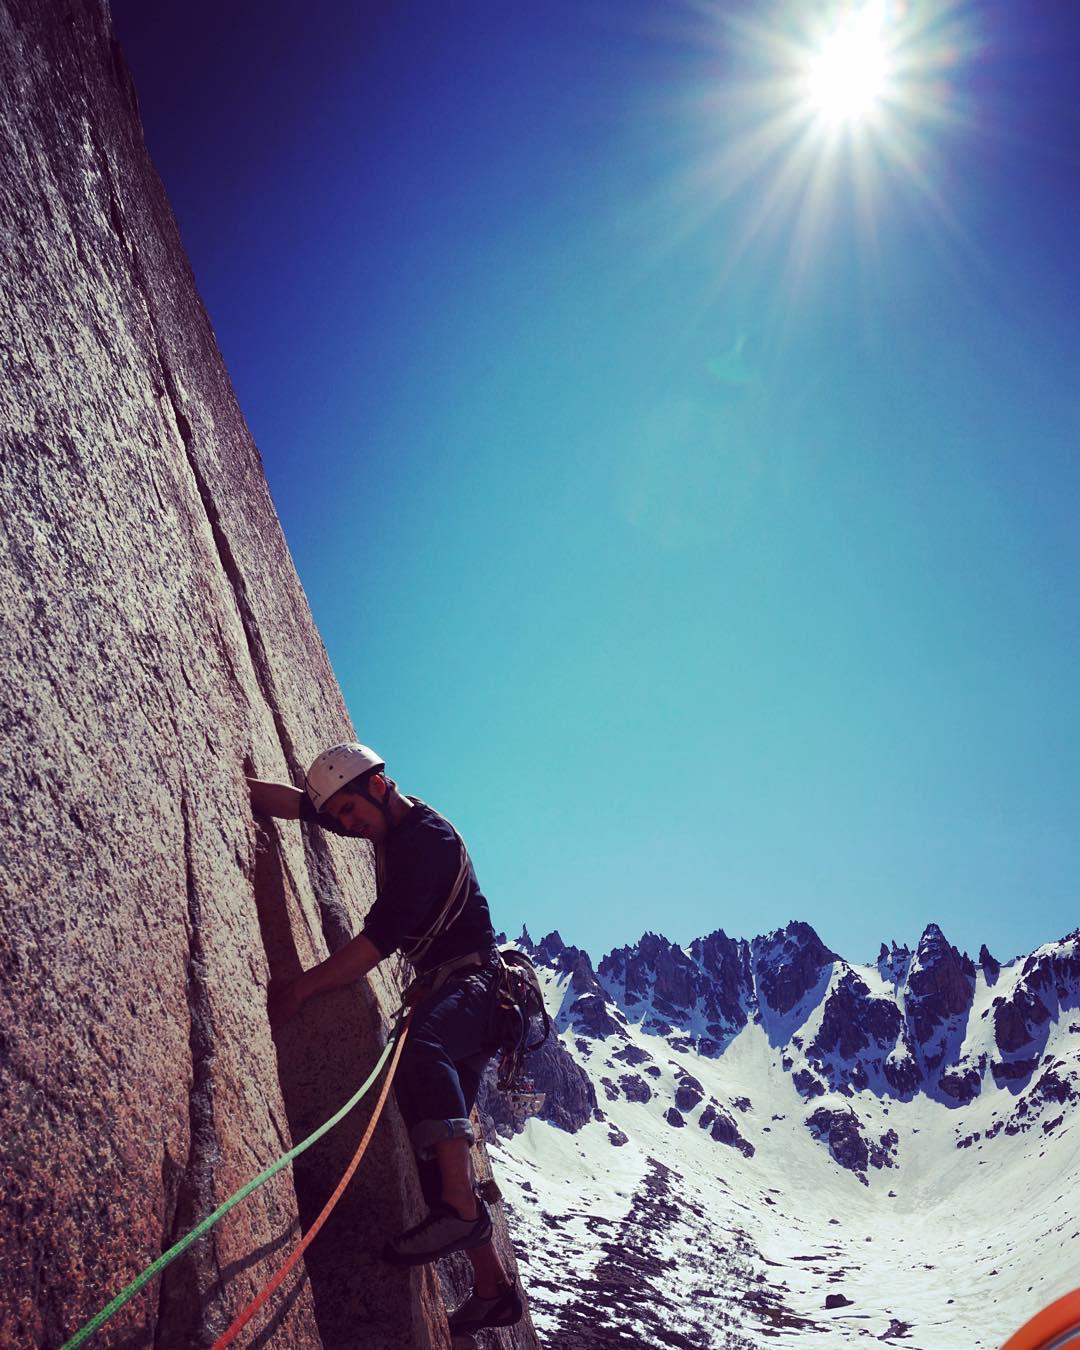 Escalando se la pasa bien, sensaciones únicas! Fisura de Jim #frey #patagonia